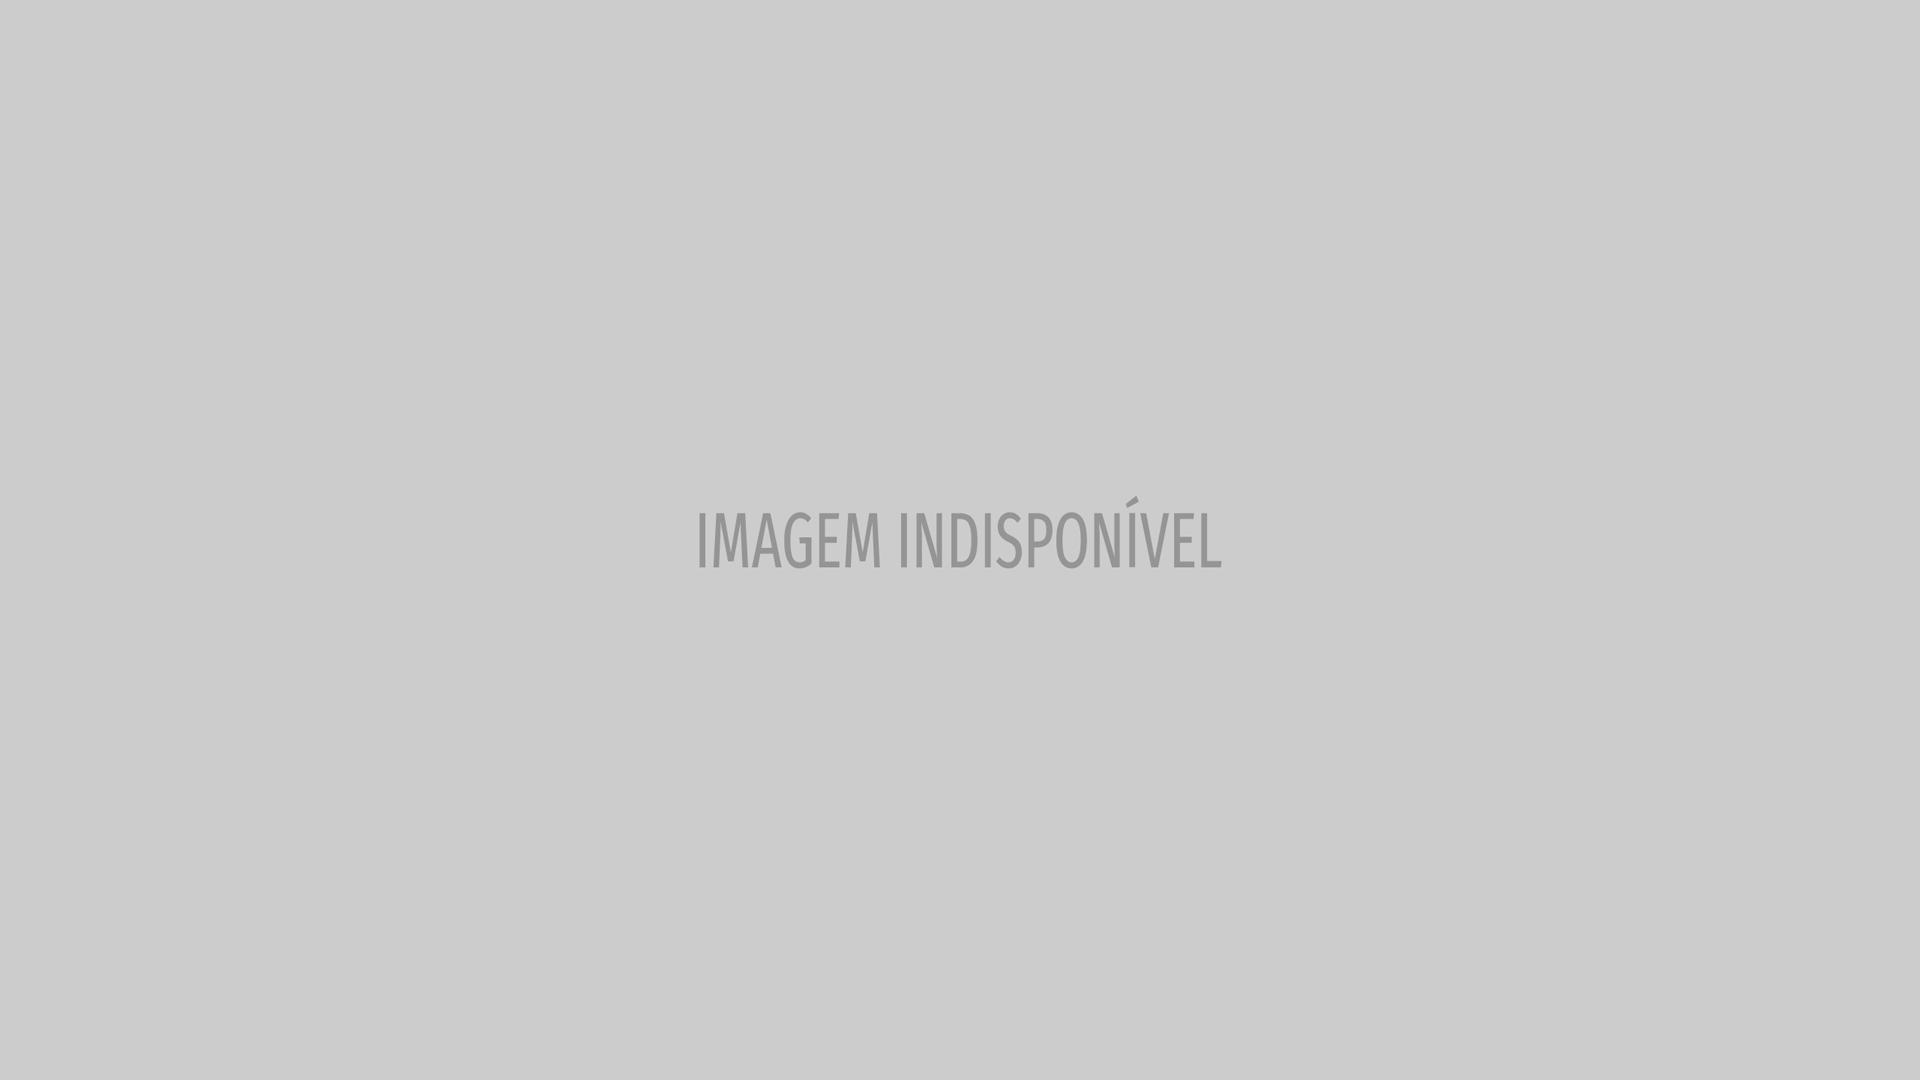 Confira Jared Leto como coringa nos bastidores  de Esquadrão Suicida 2